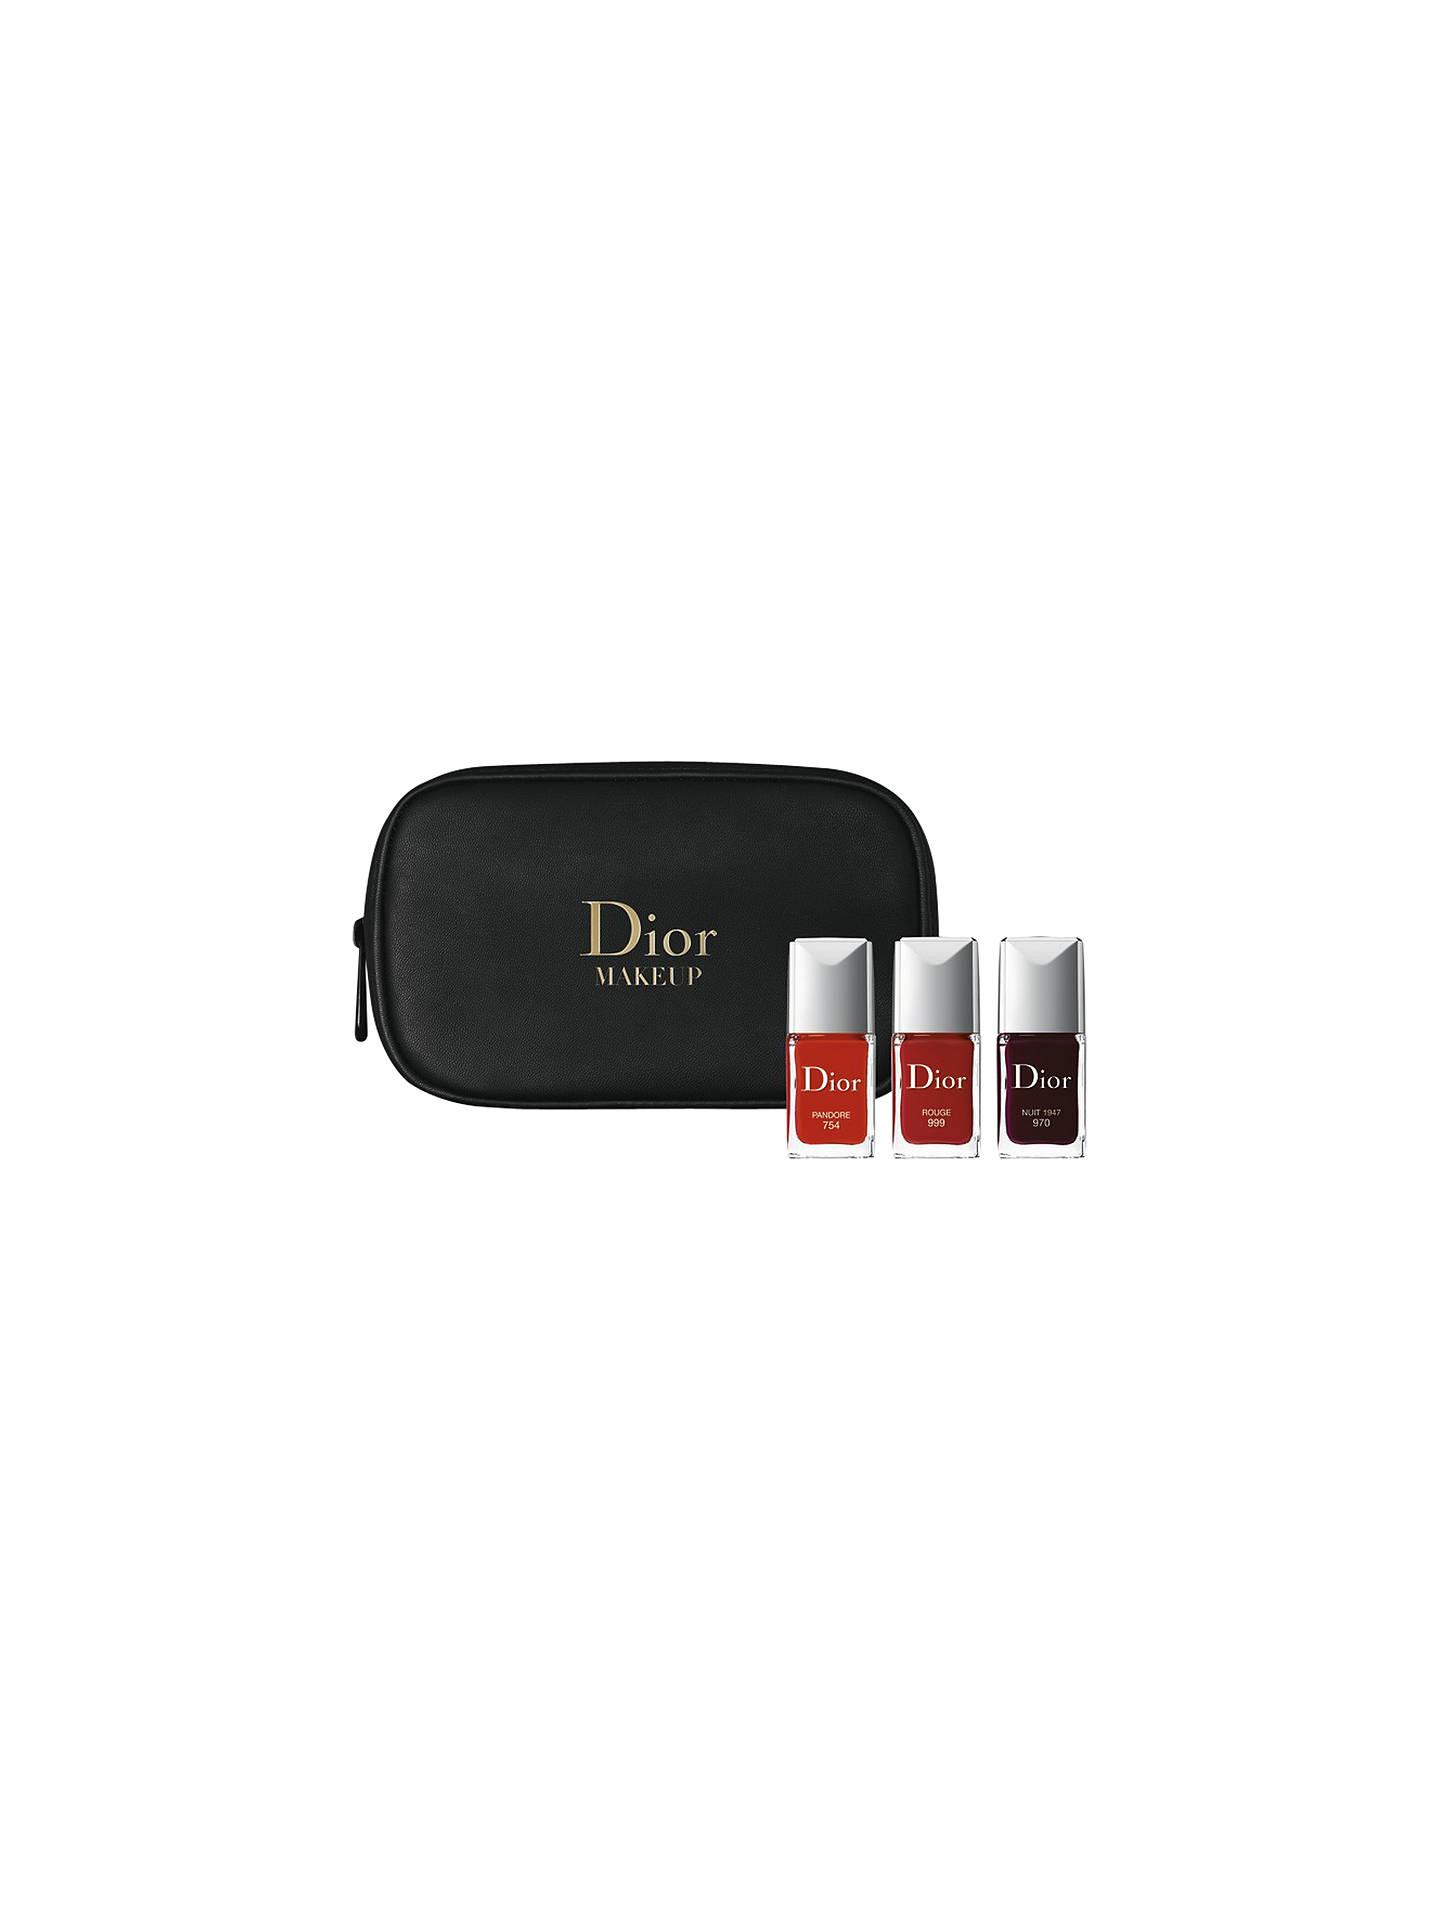 Dior Vernis Nail Polish Set at John Lewis & Partners